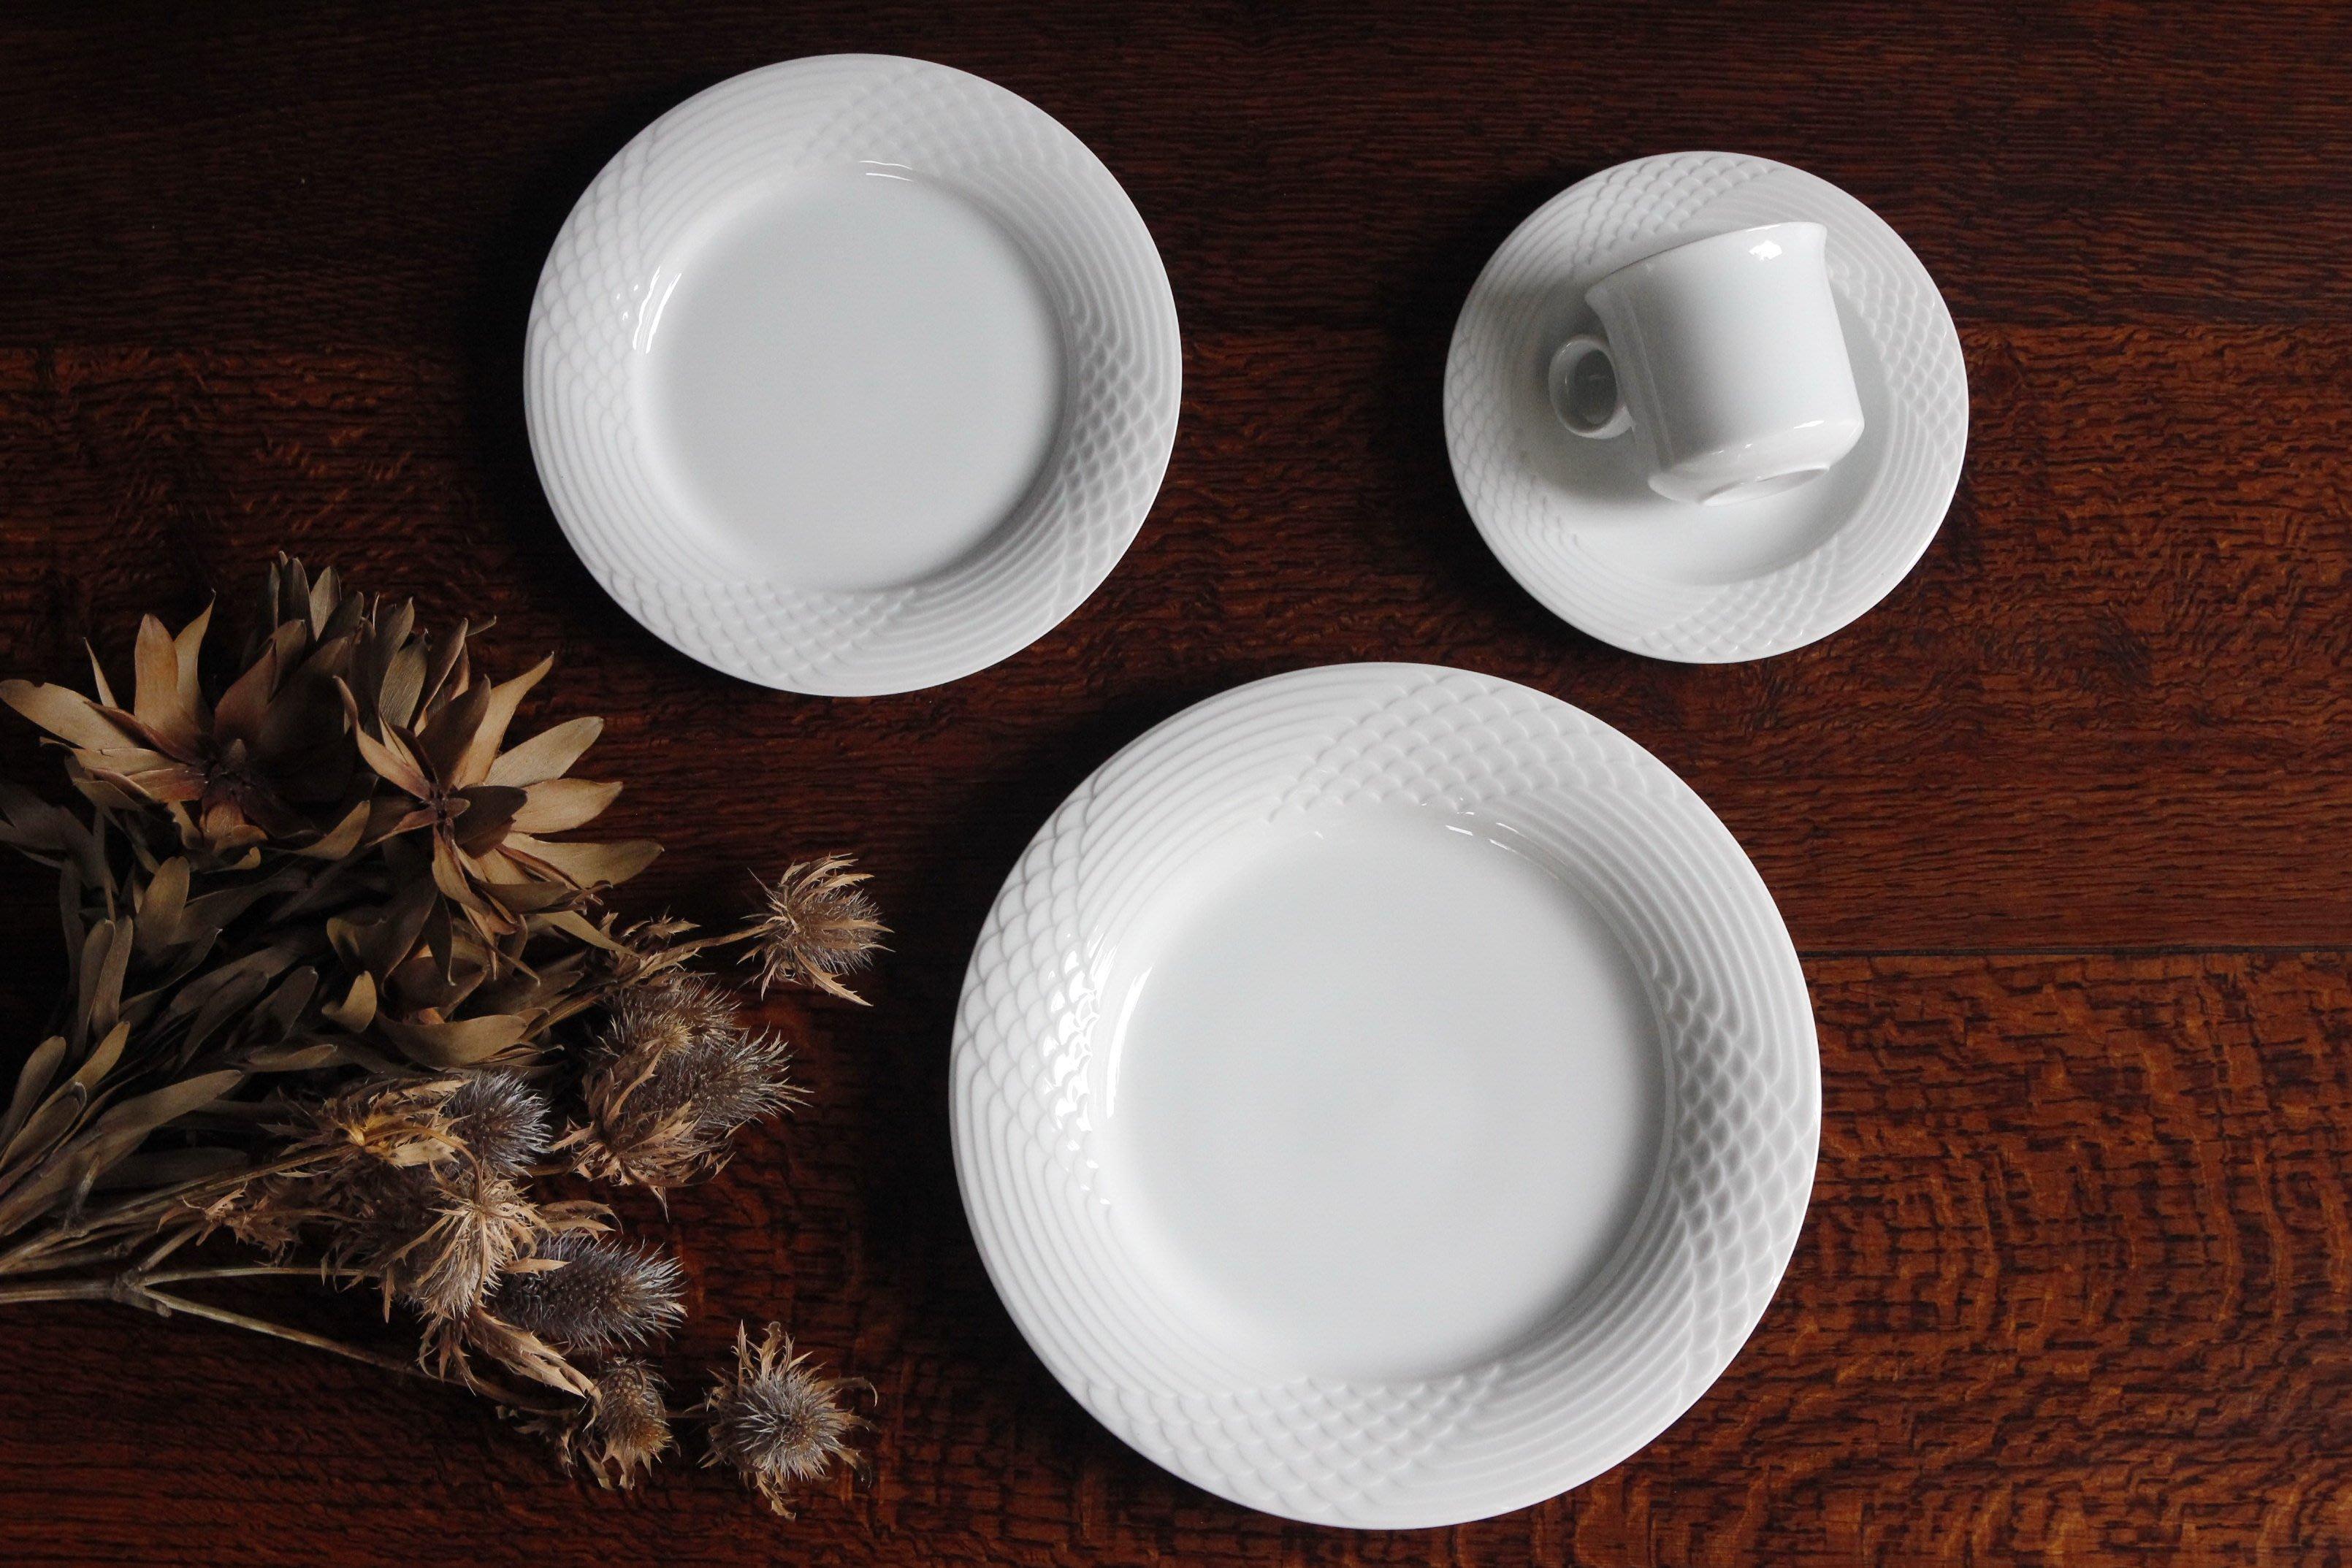 德國獅牌 HUTSCHENREUTHER 沙拉盤 瓷盤 歐洲古董老件(03_P-21-2)【小學樘_歐洲老家具】